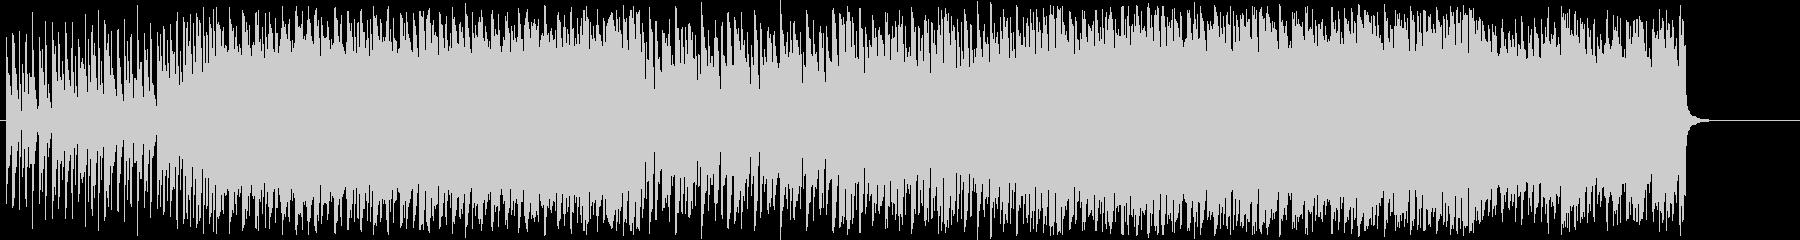 リズミカルで少しレトロなBGMの未再生の波形